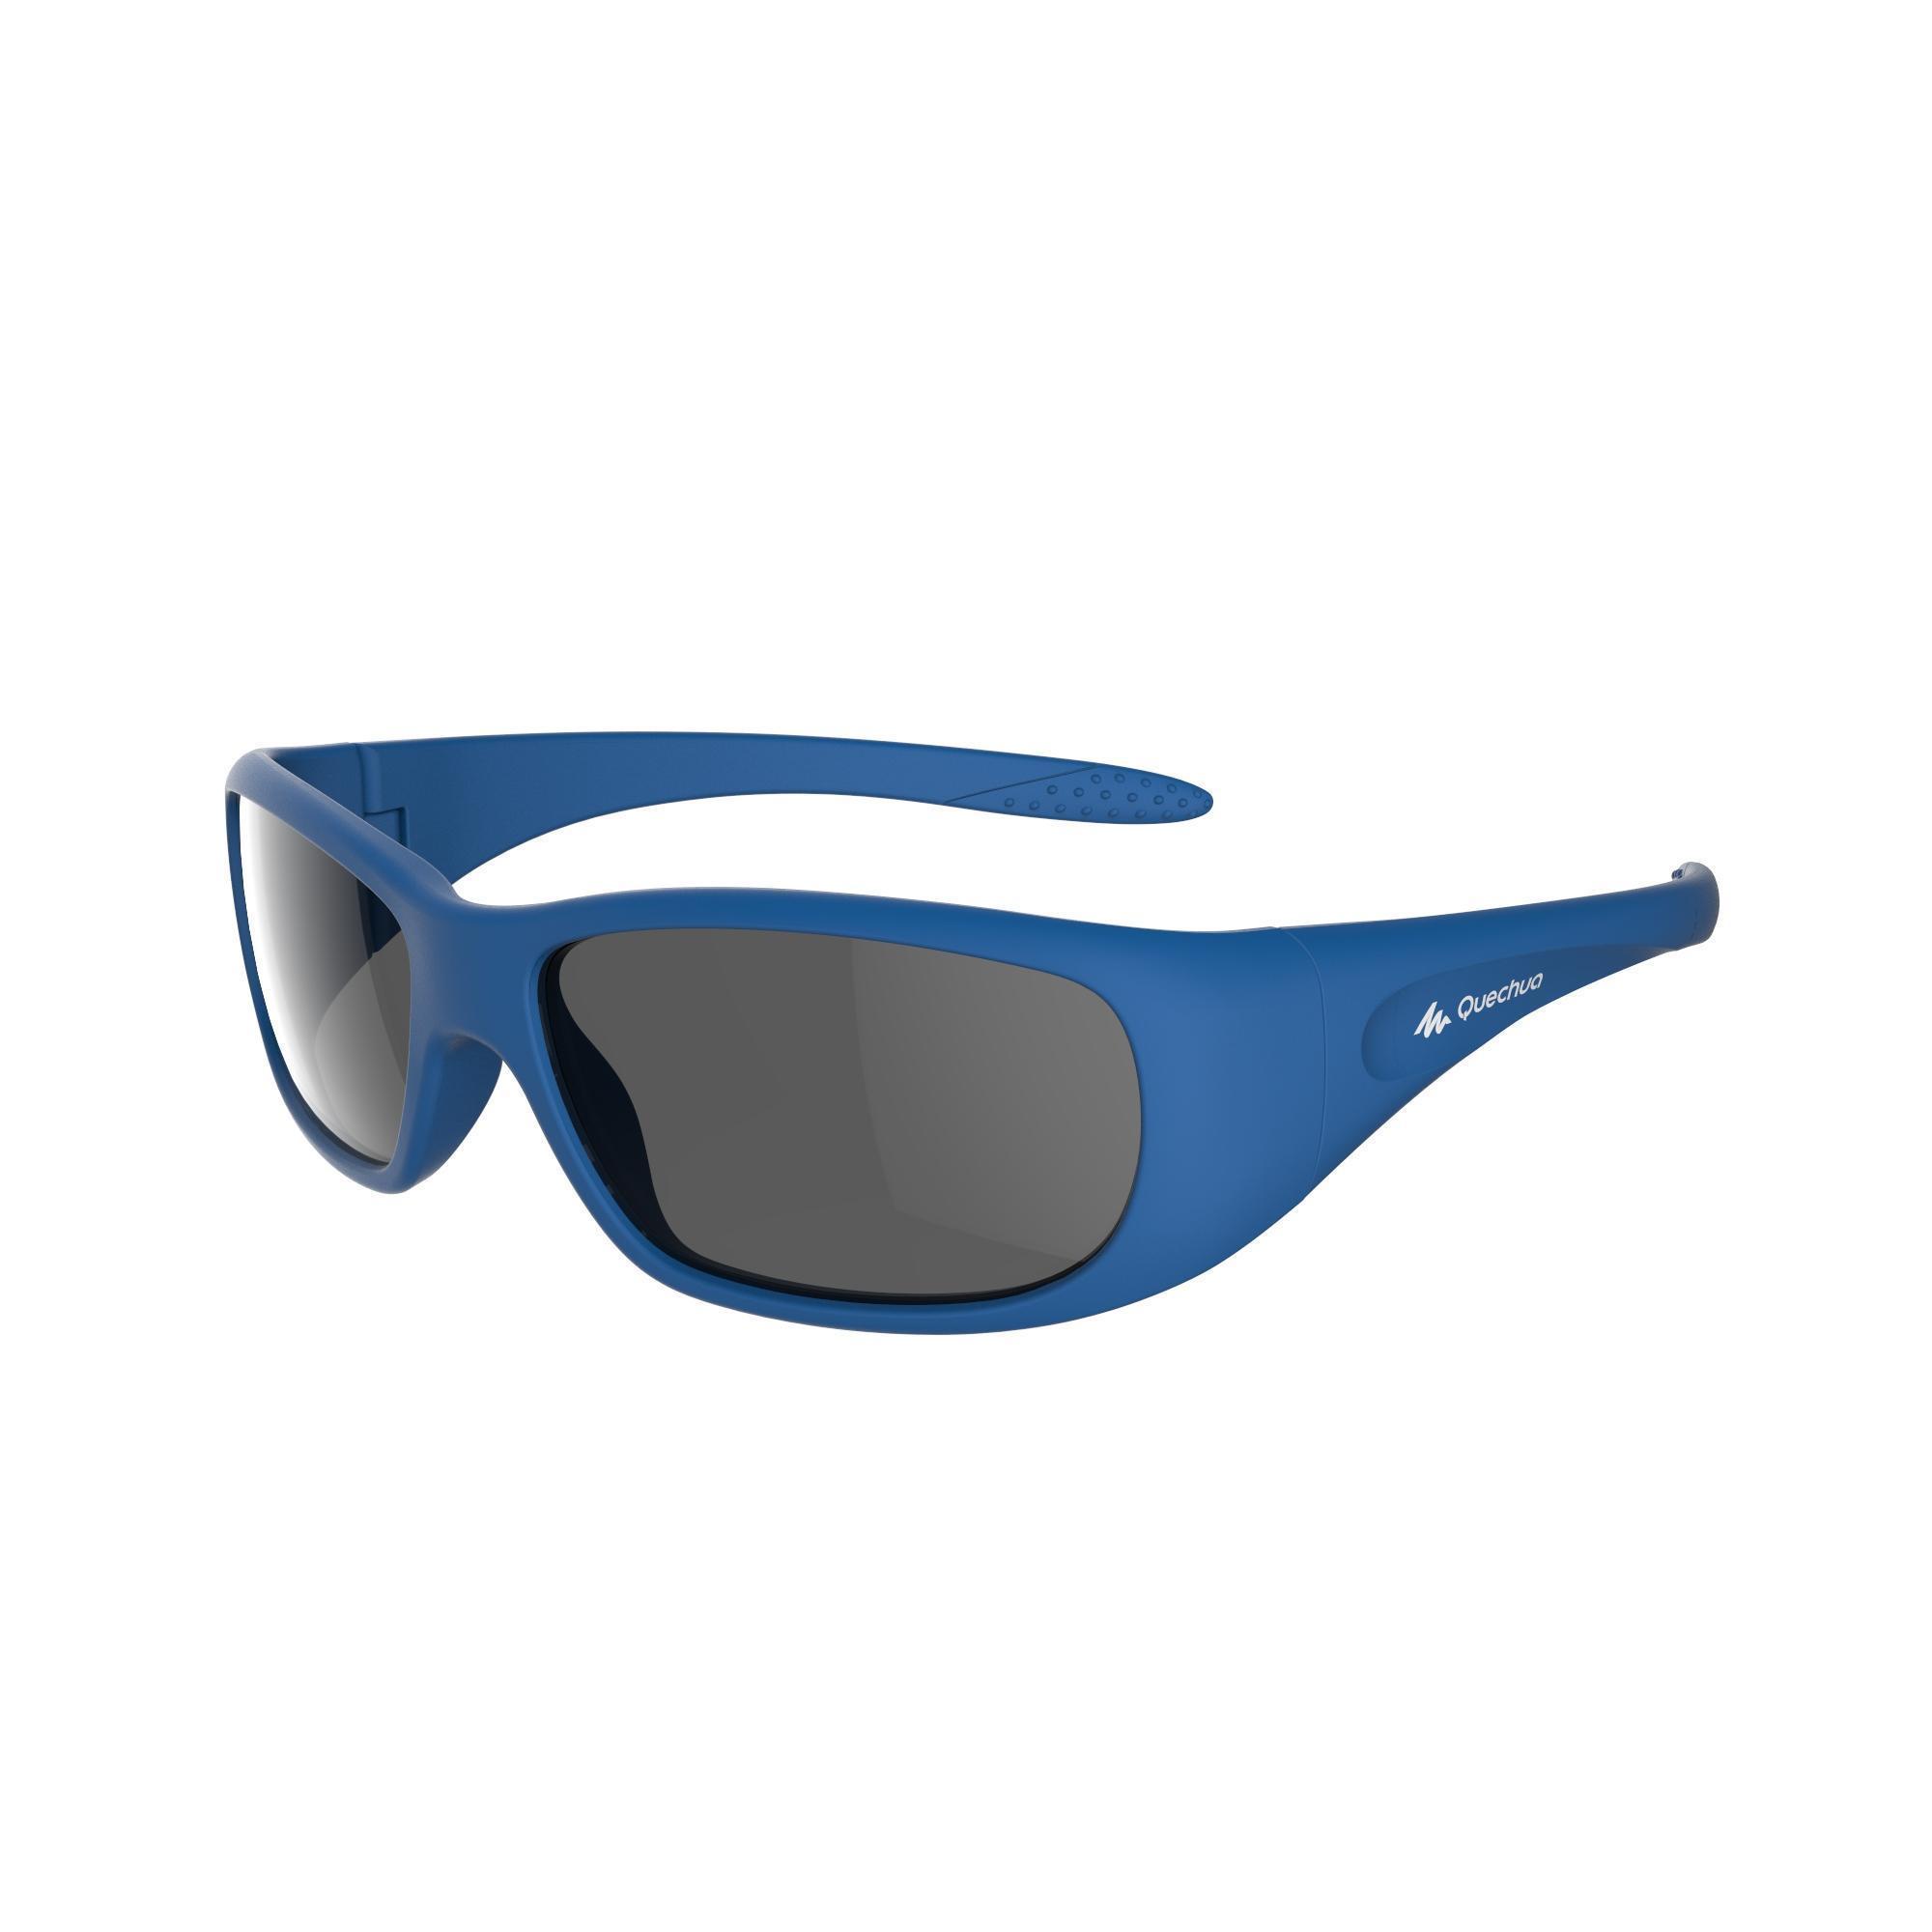 57e3e3bdd9 Comprar gafas de sol para niños y bebés Online | Decathlon